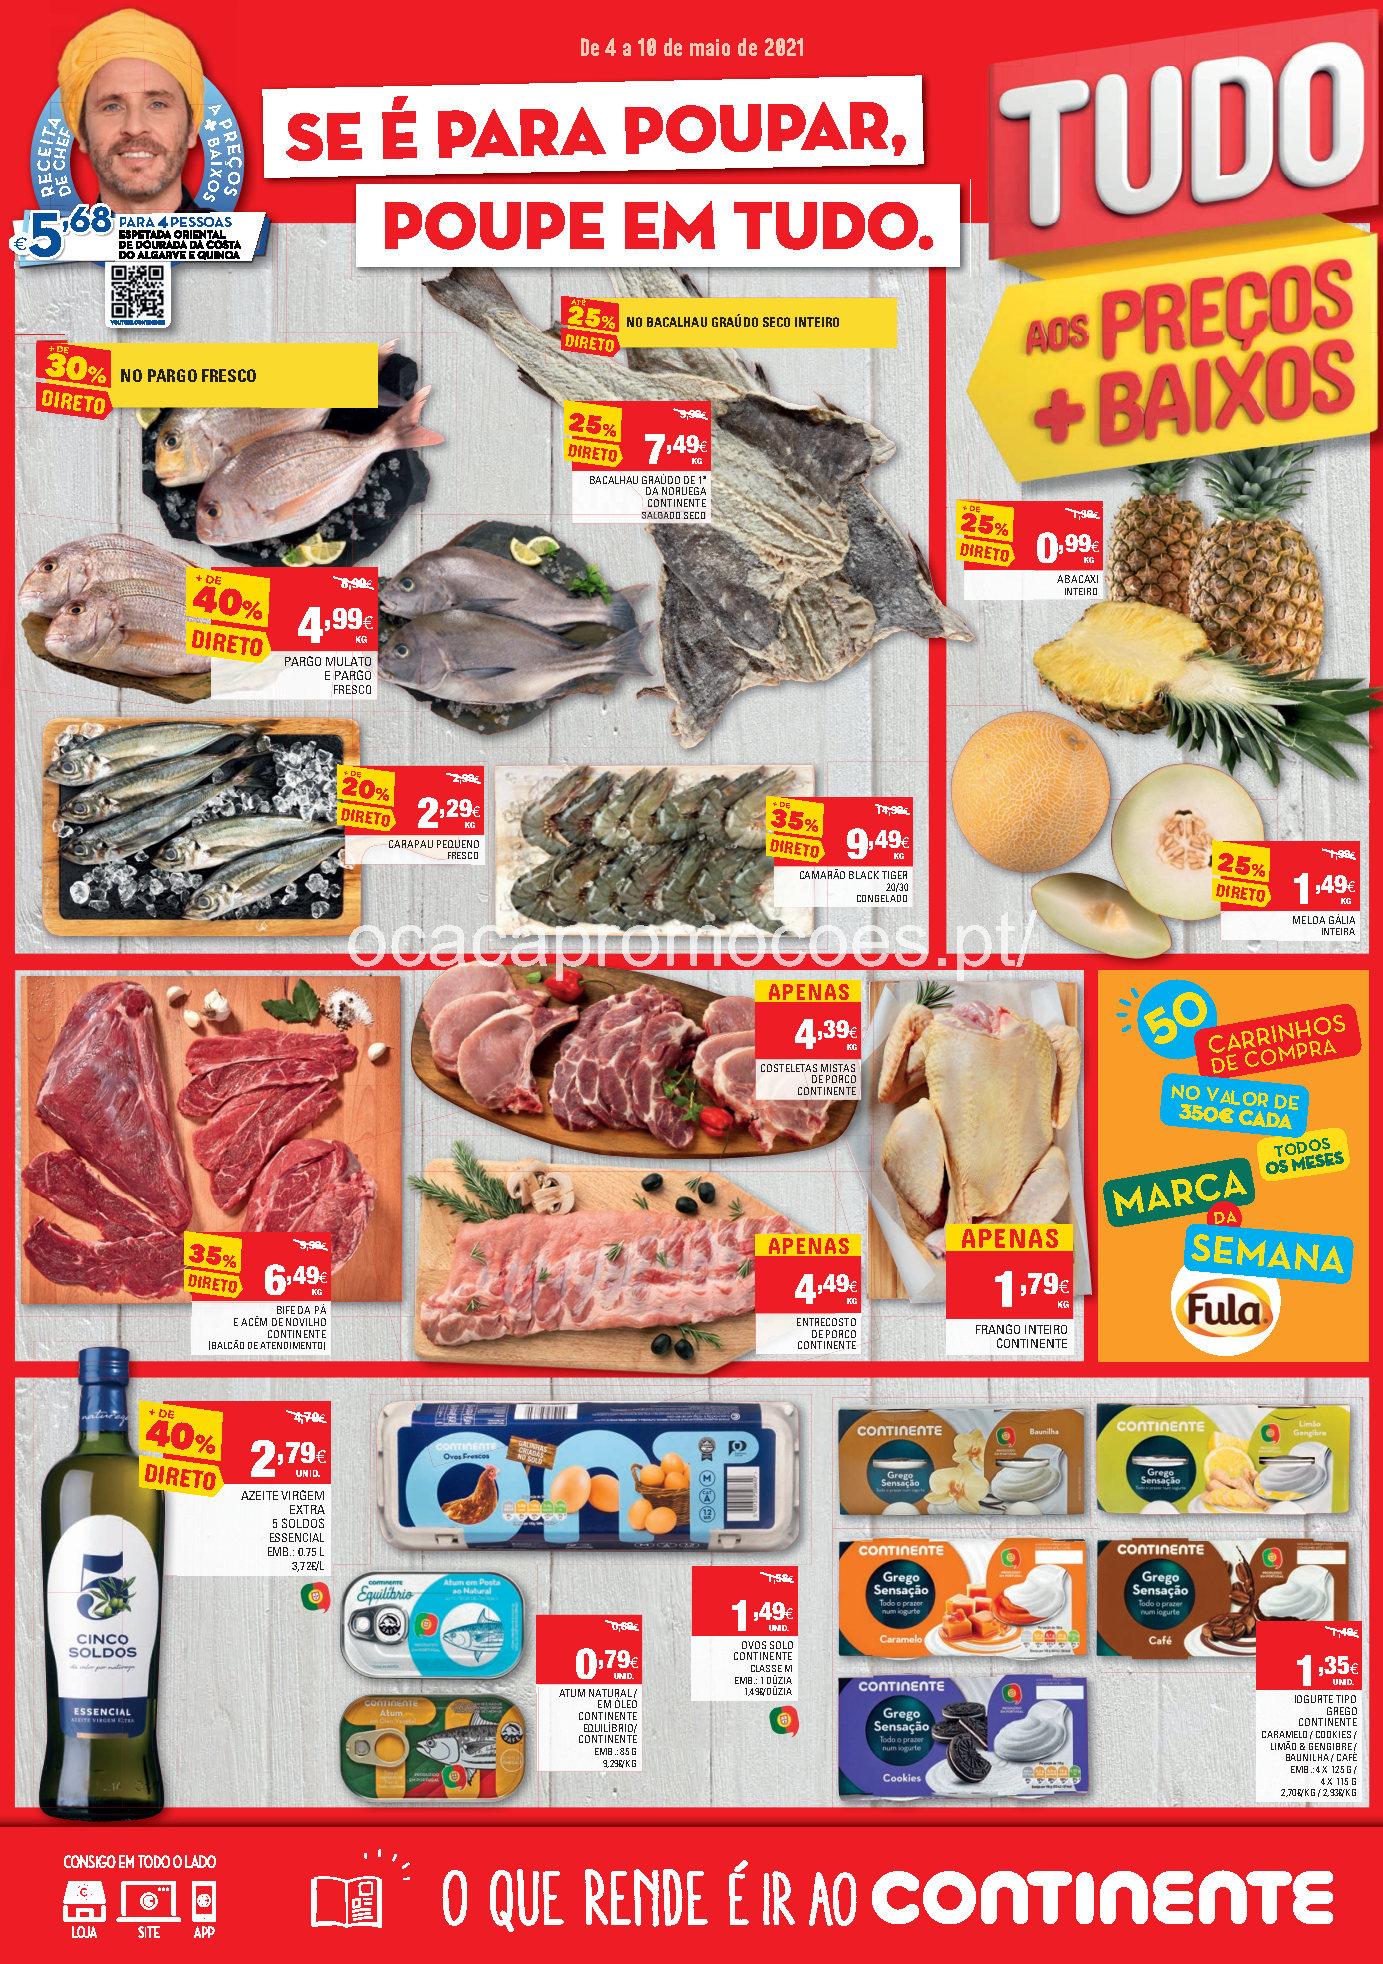 folheto continente promocoes 4 10 maio Page1 1